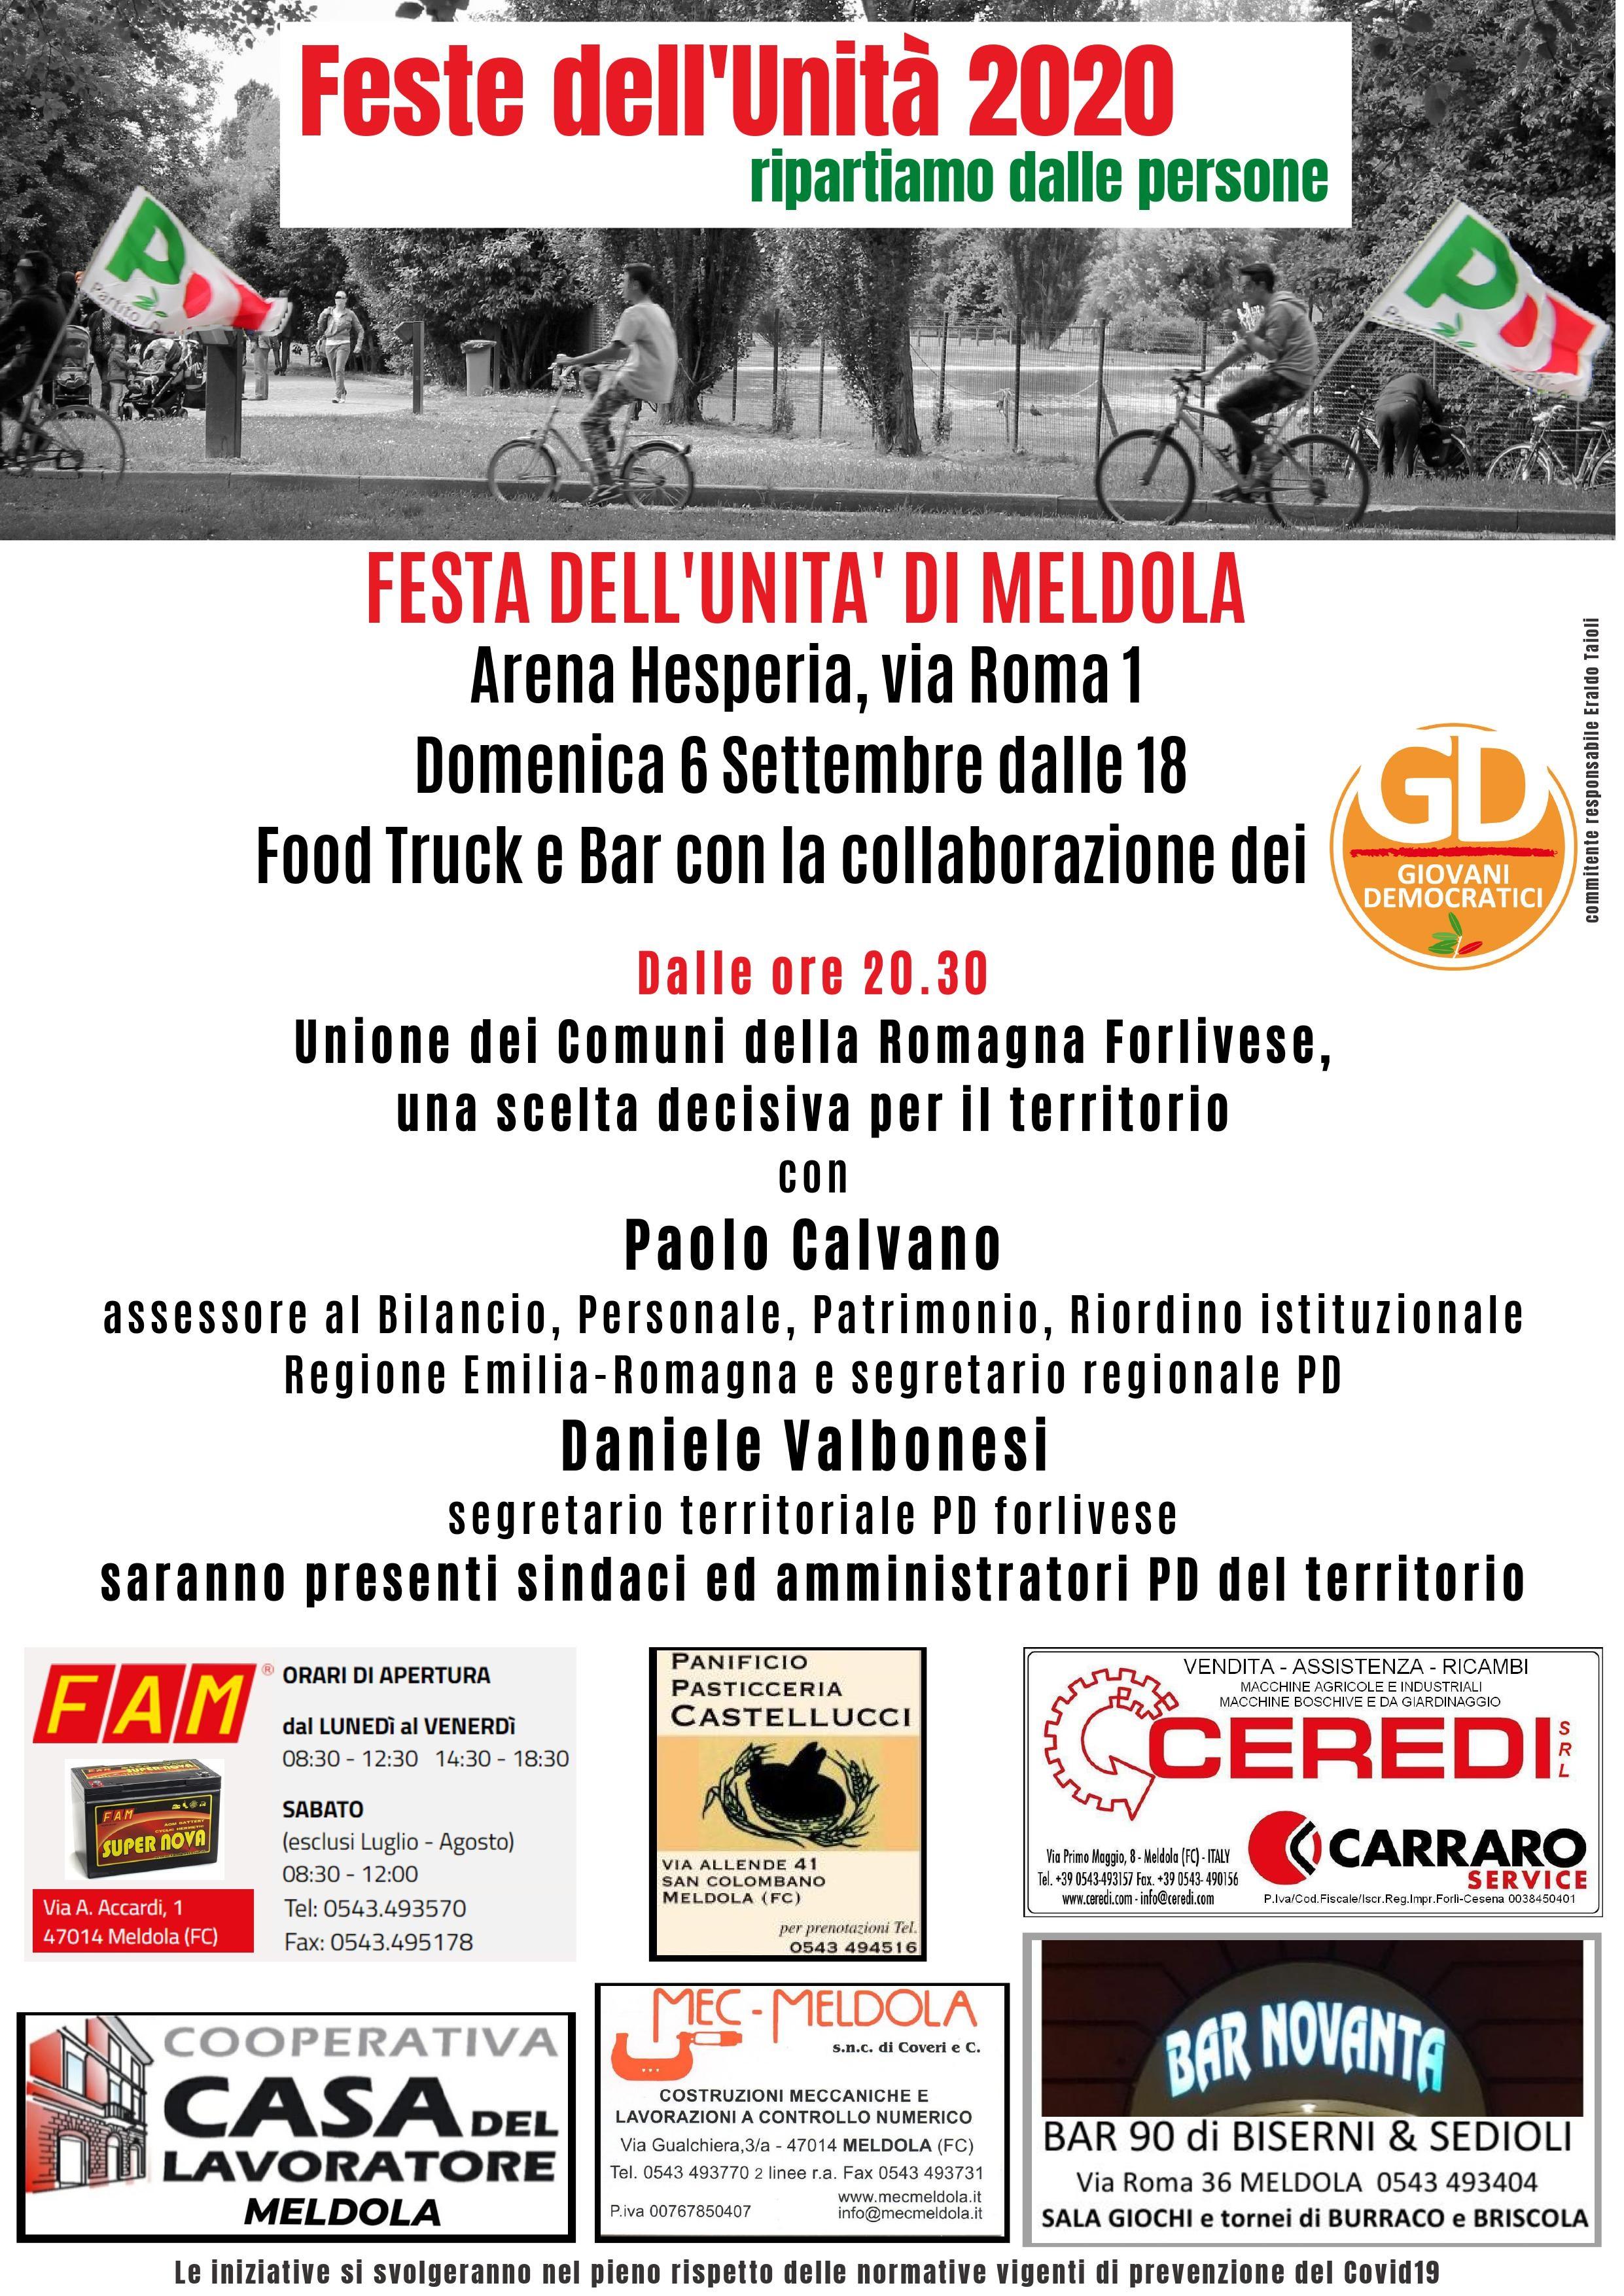 Festa dell'Unità di Meldola @ Arena Hesperia